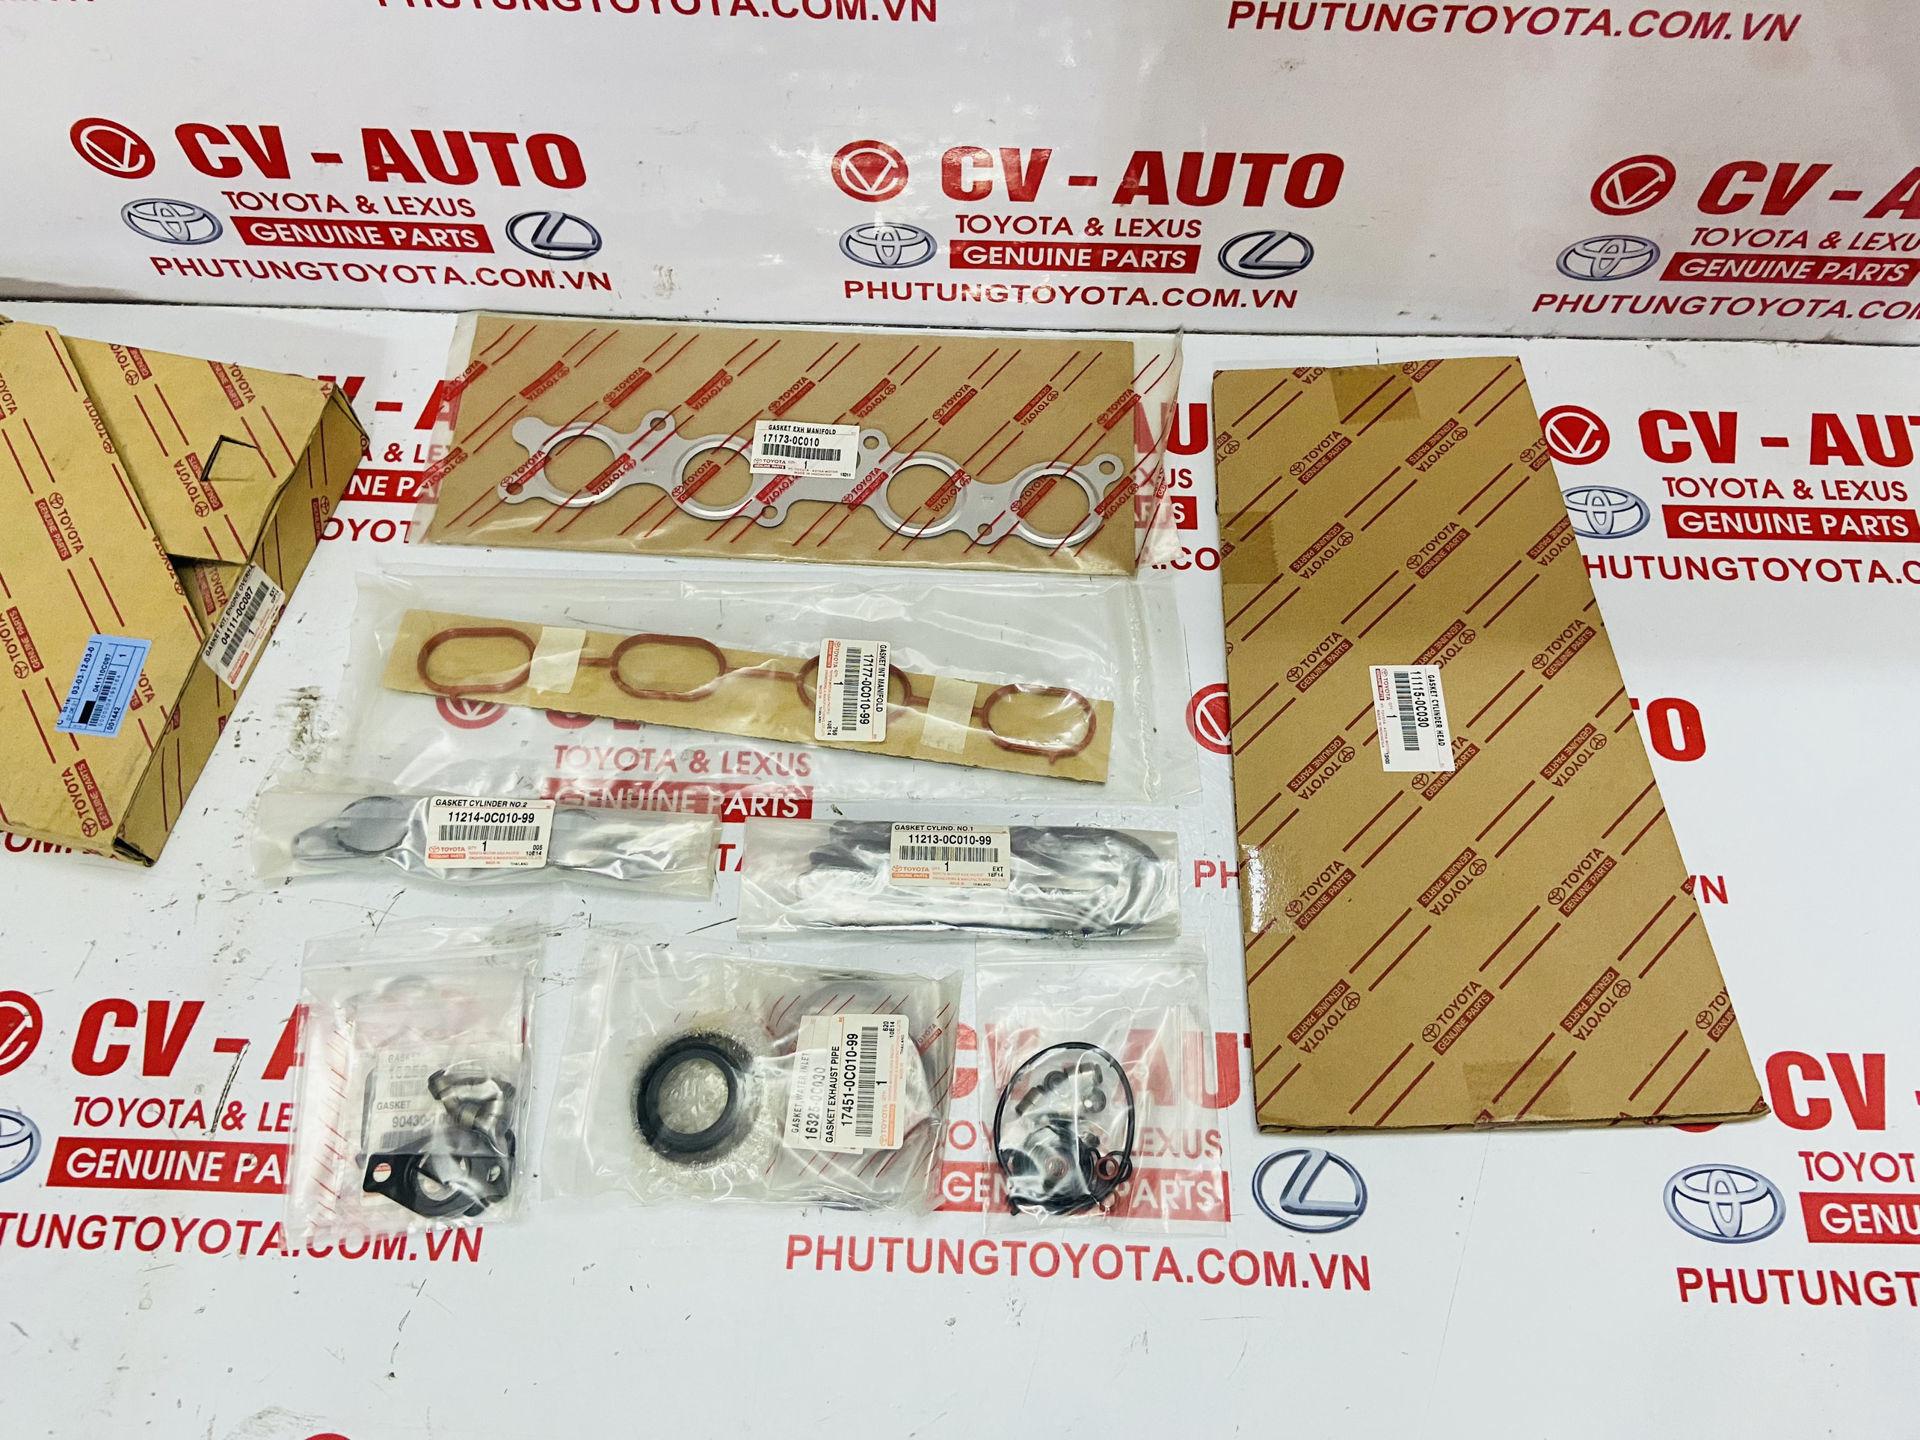 Picture of 041110C087 04111-0C087 Gioăng đại tu Toyota Innova chính hãng